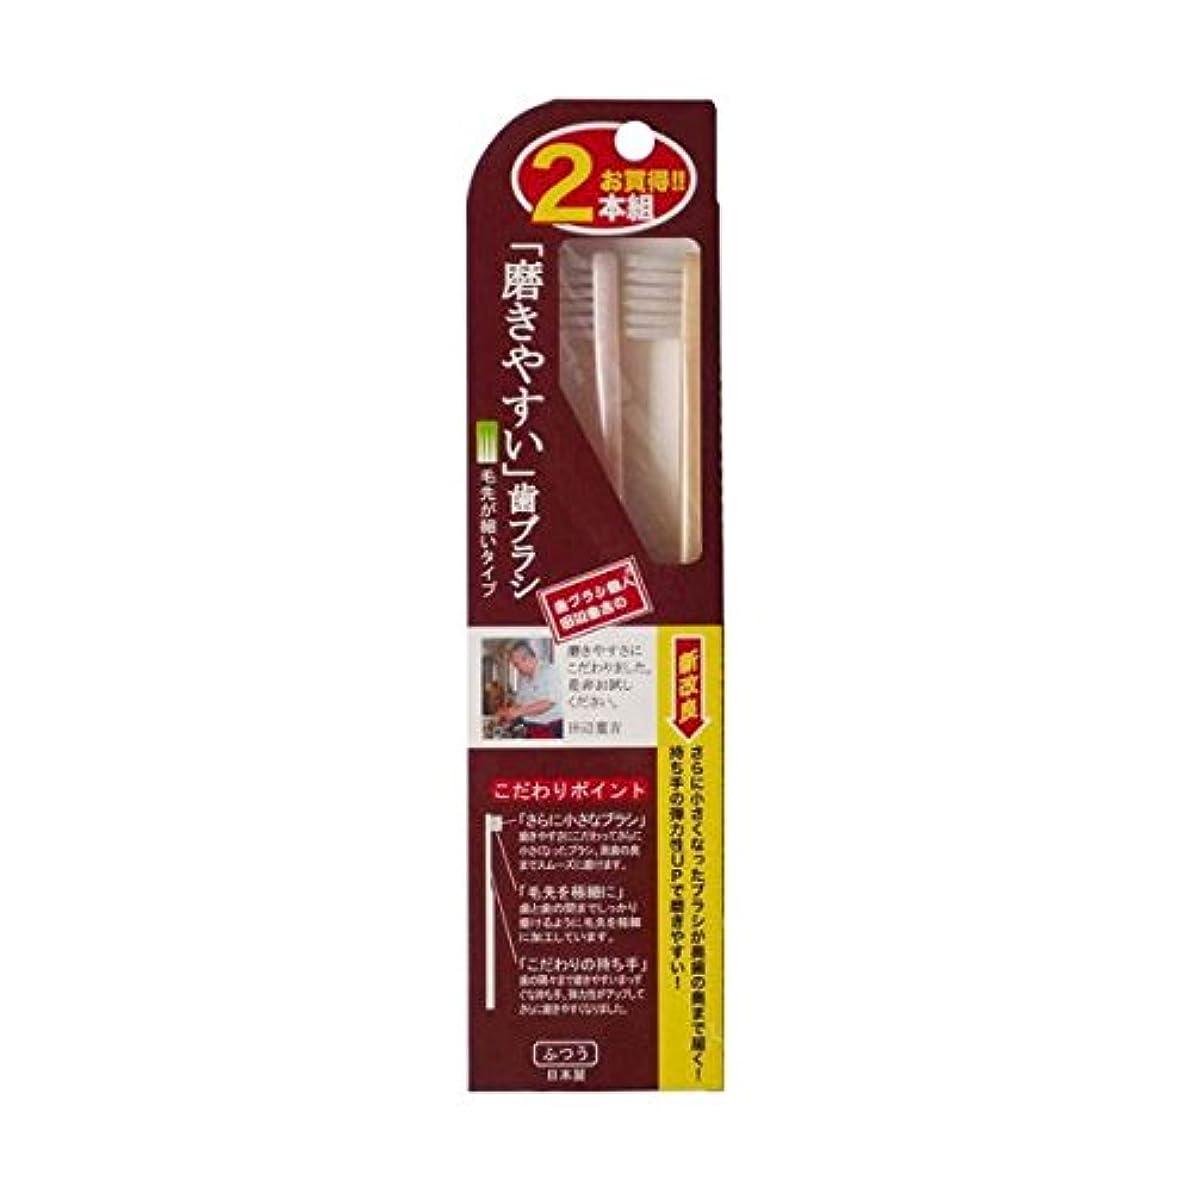 約束する歌詞修正する【お徳用 2 セット】 磨きやすい歯ブラシ 先細 LT-07 2本組×2セット